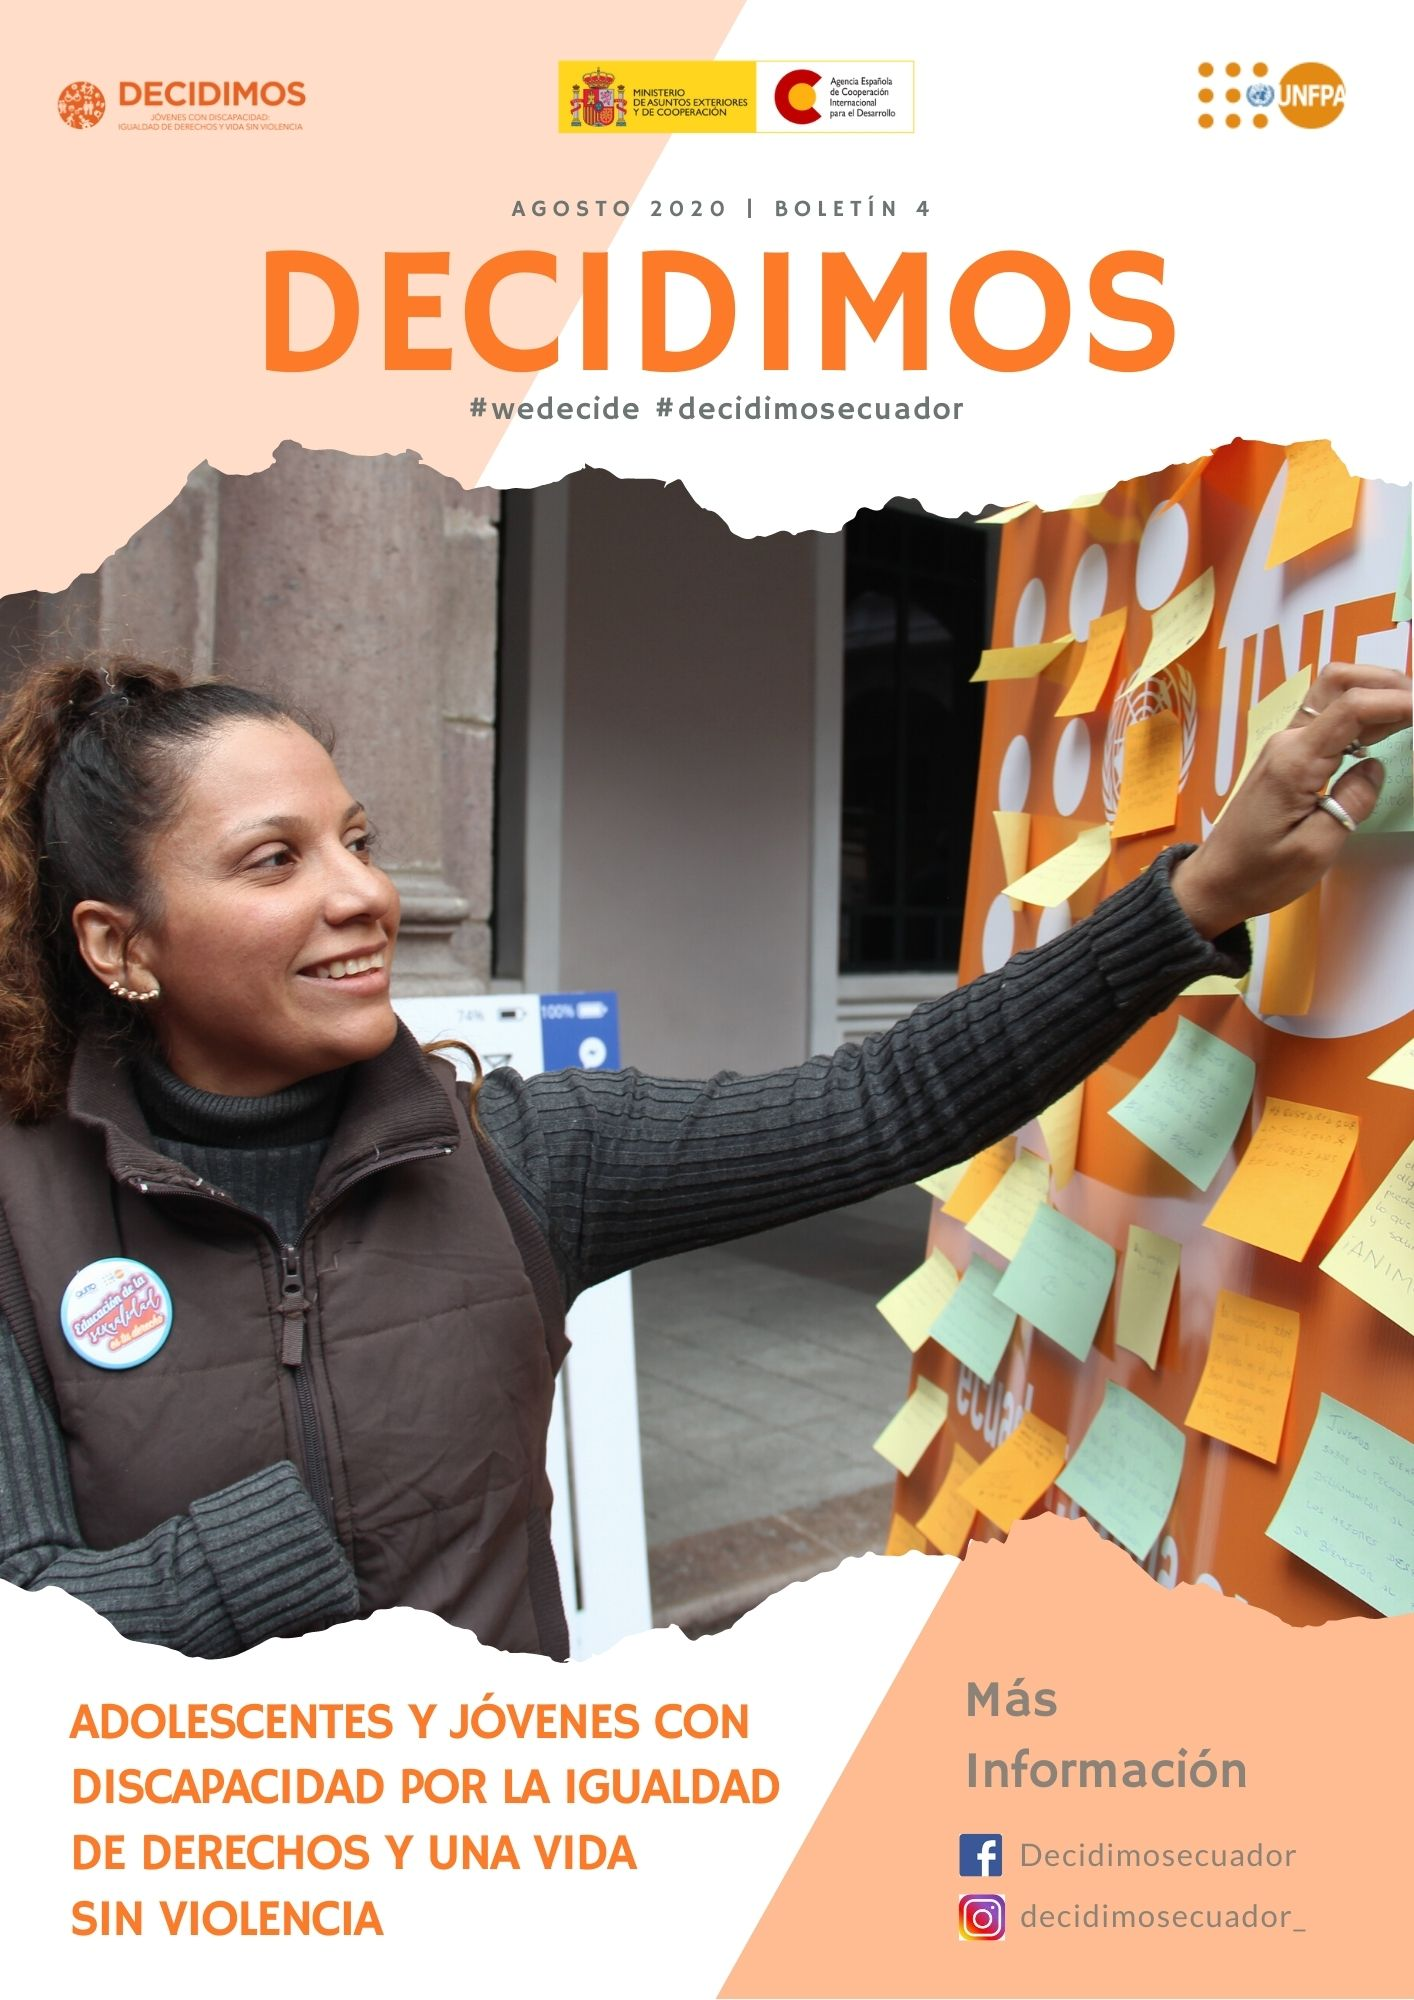 Boletín DECIDIMOS, adolescentes y jóvenes con discapacidad por la igualdad de derechos y una vida sin violencia